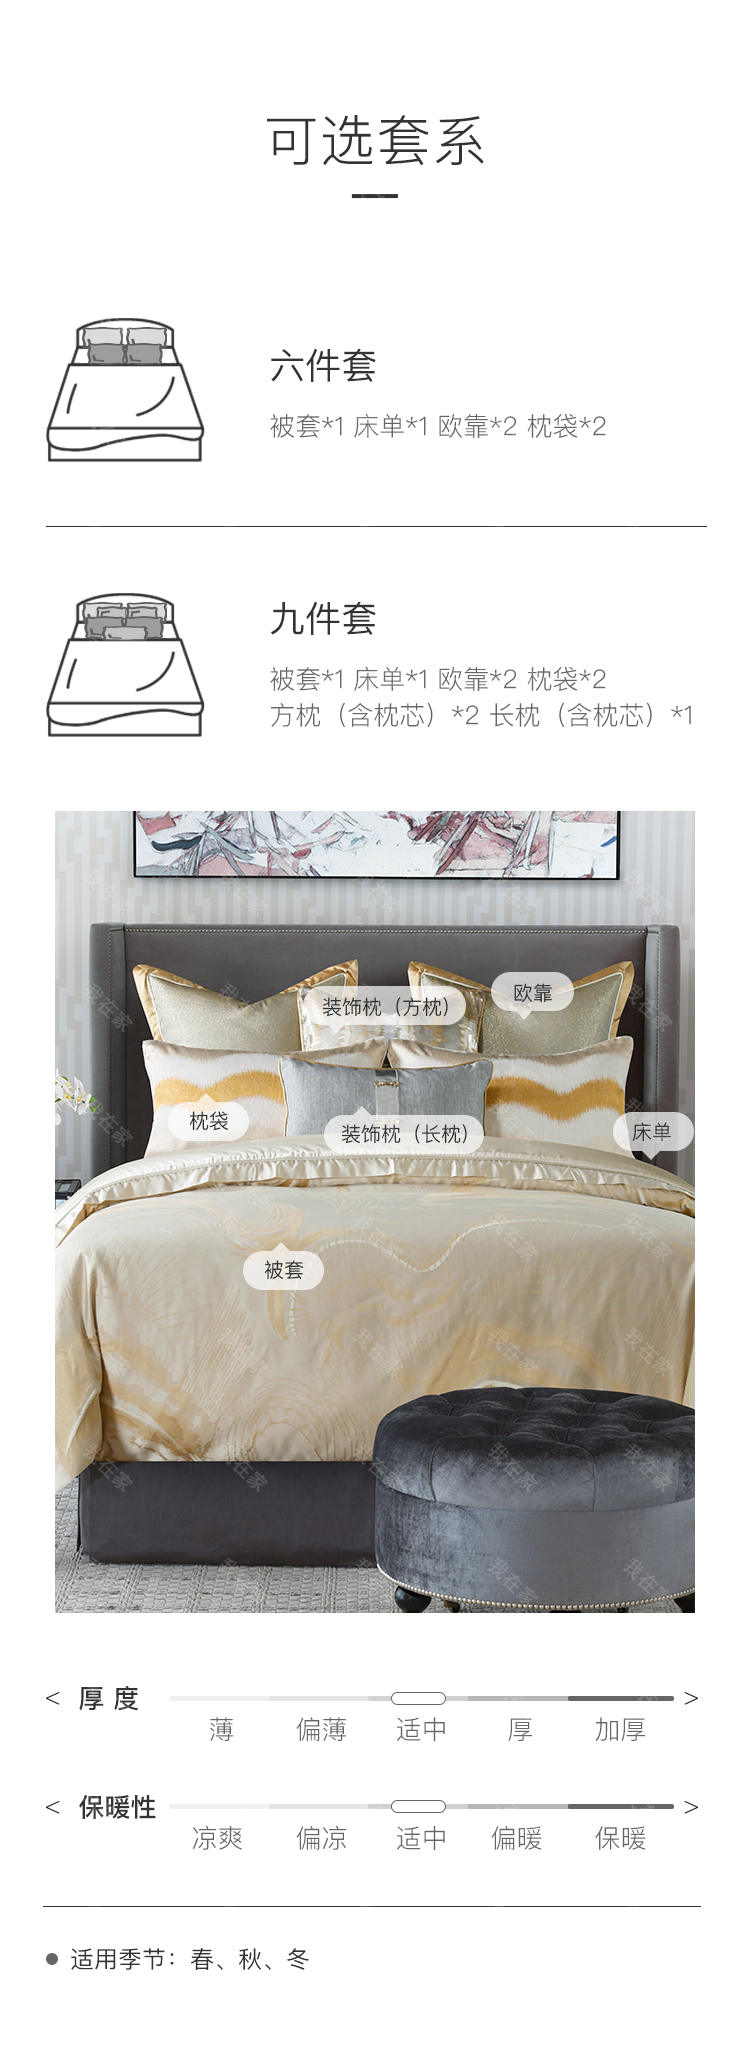 carolina home品牌欧格登高支奢密床品套件的详细介绍